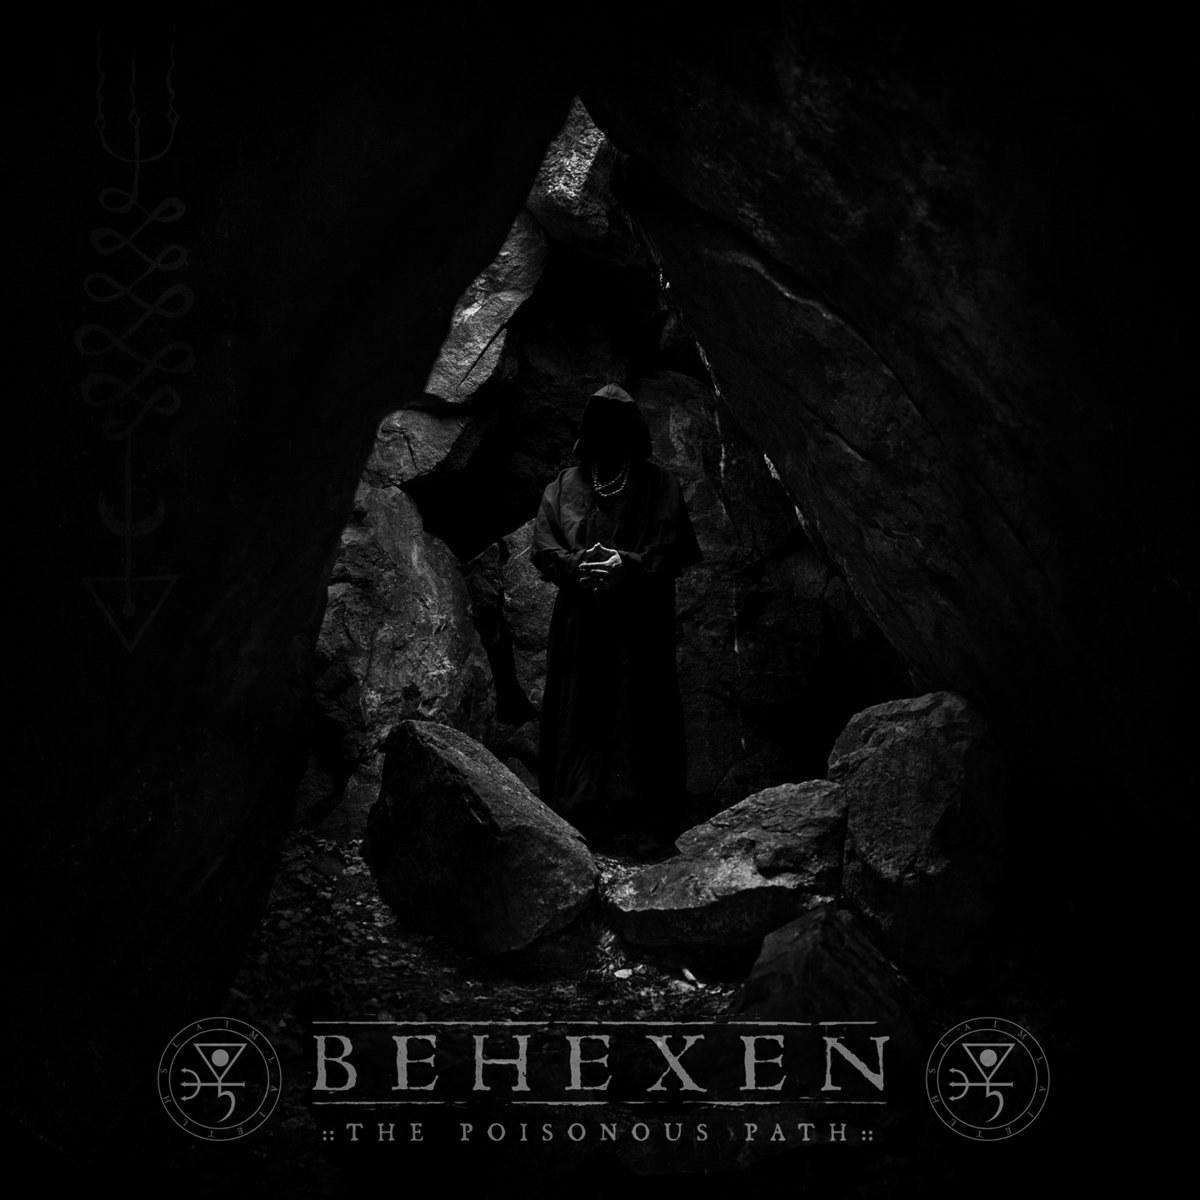 Behexen - The Poisonous Path